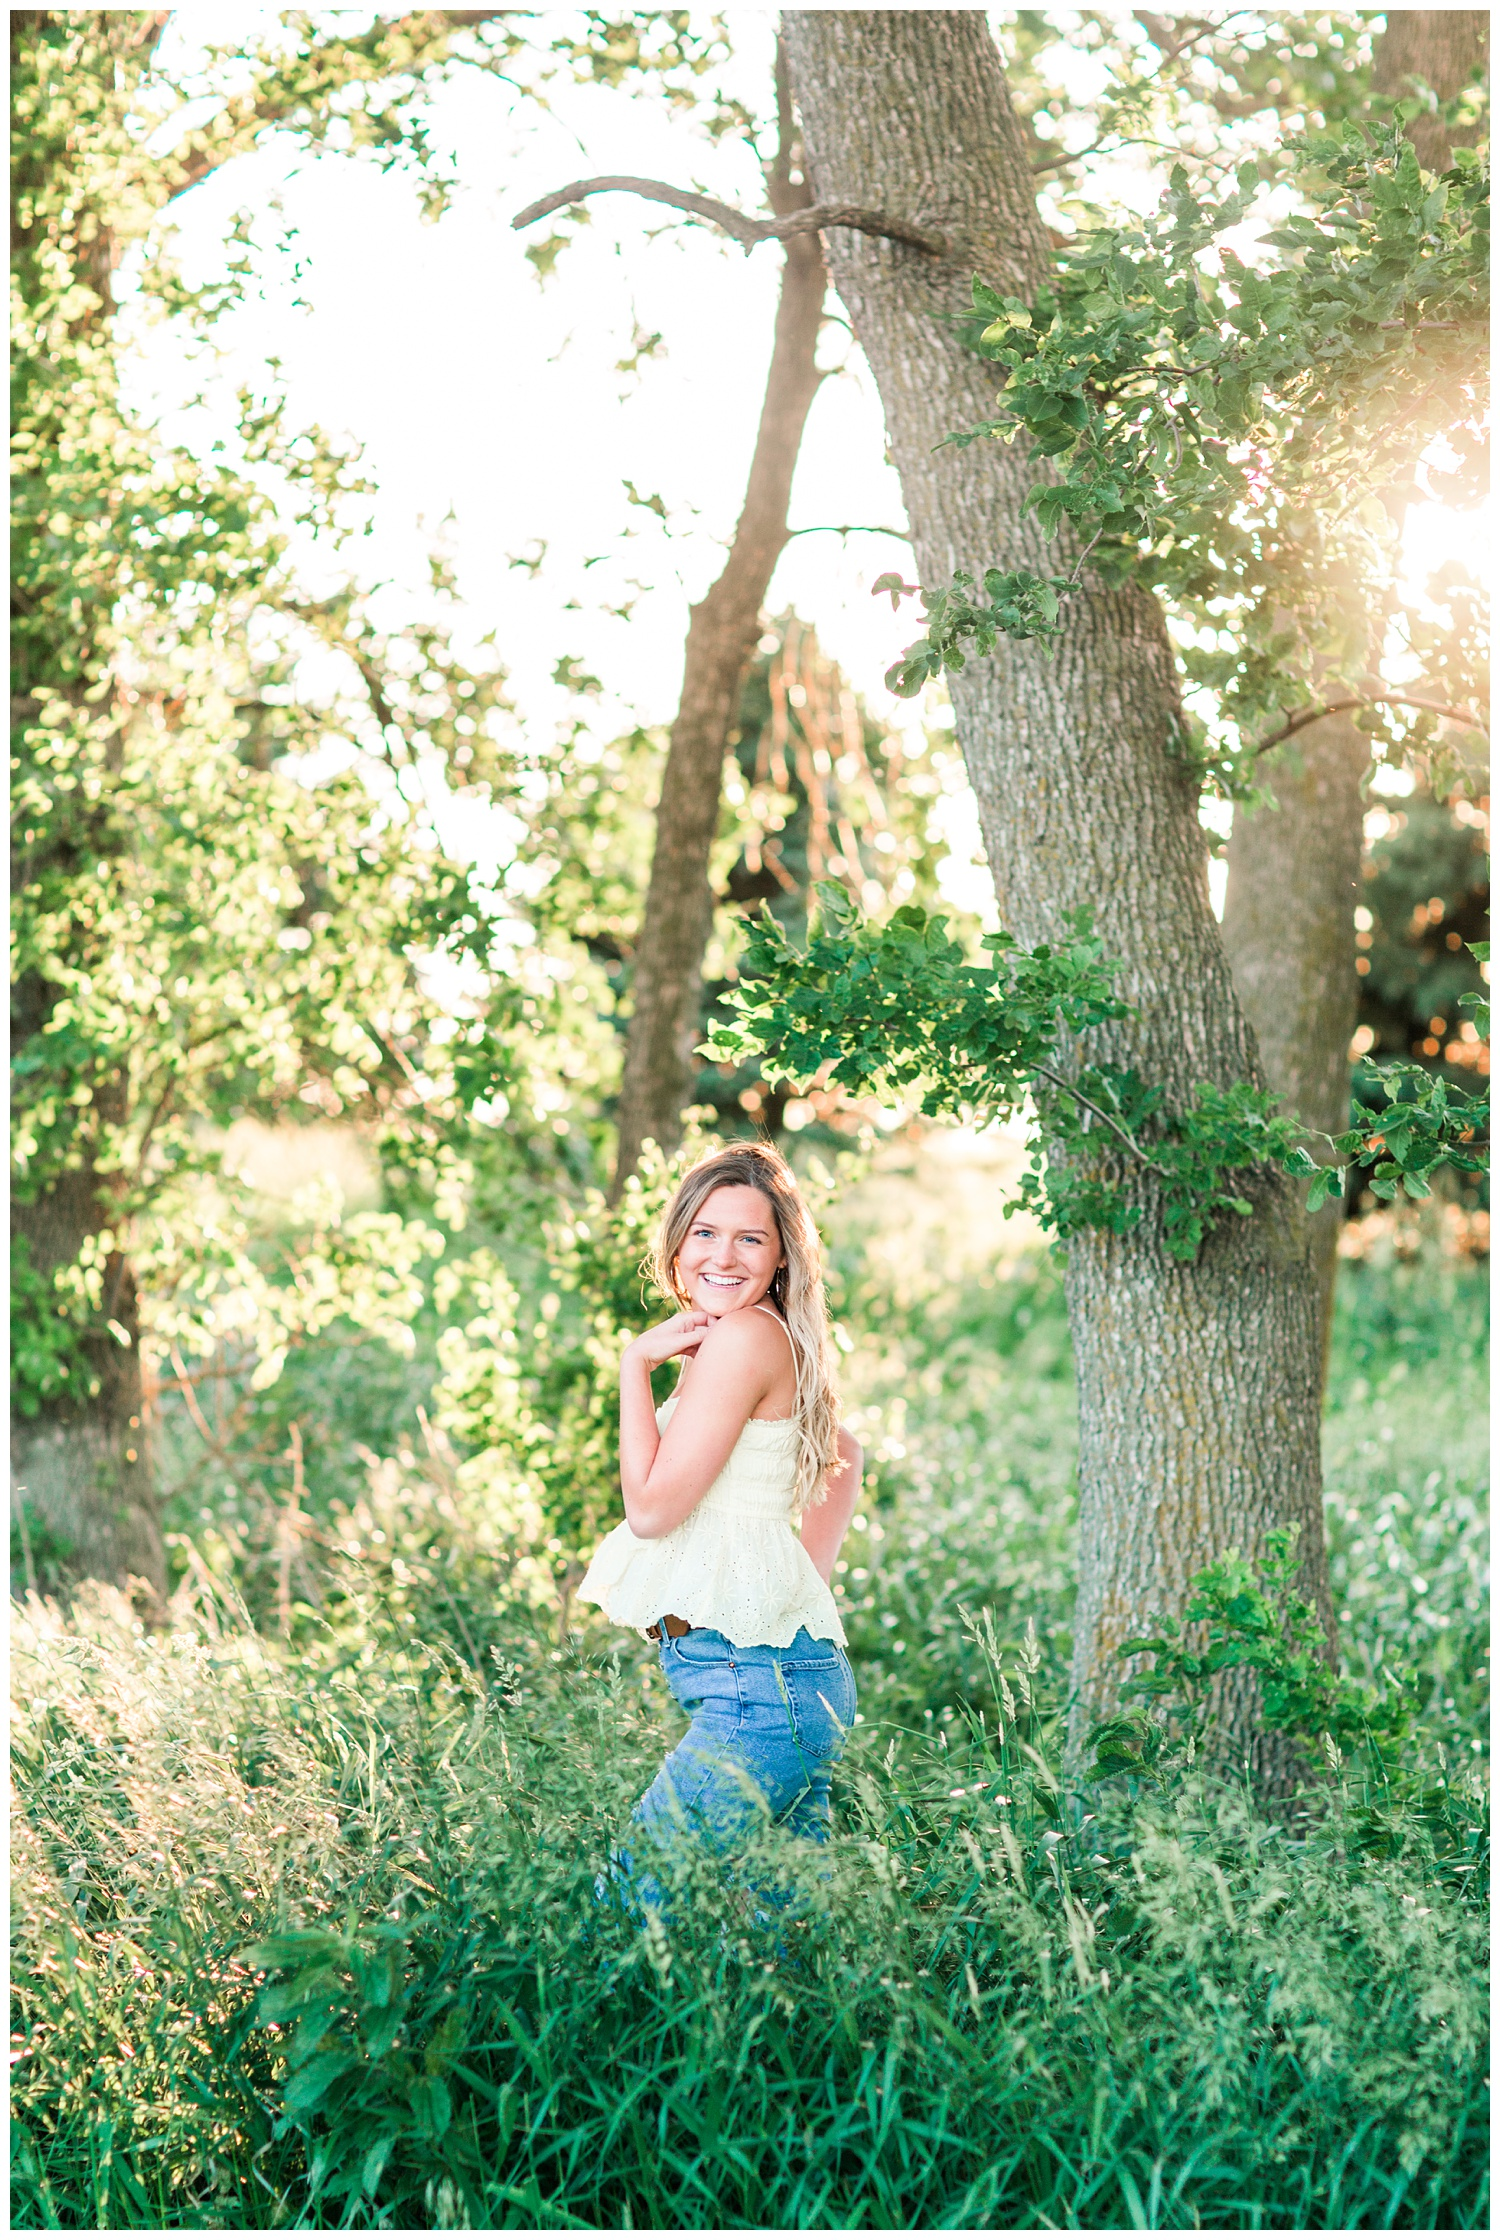 Senior girl posing in a grassy field | CB Studio